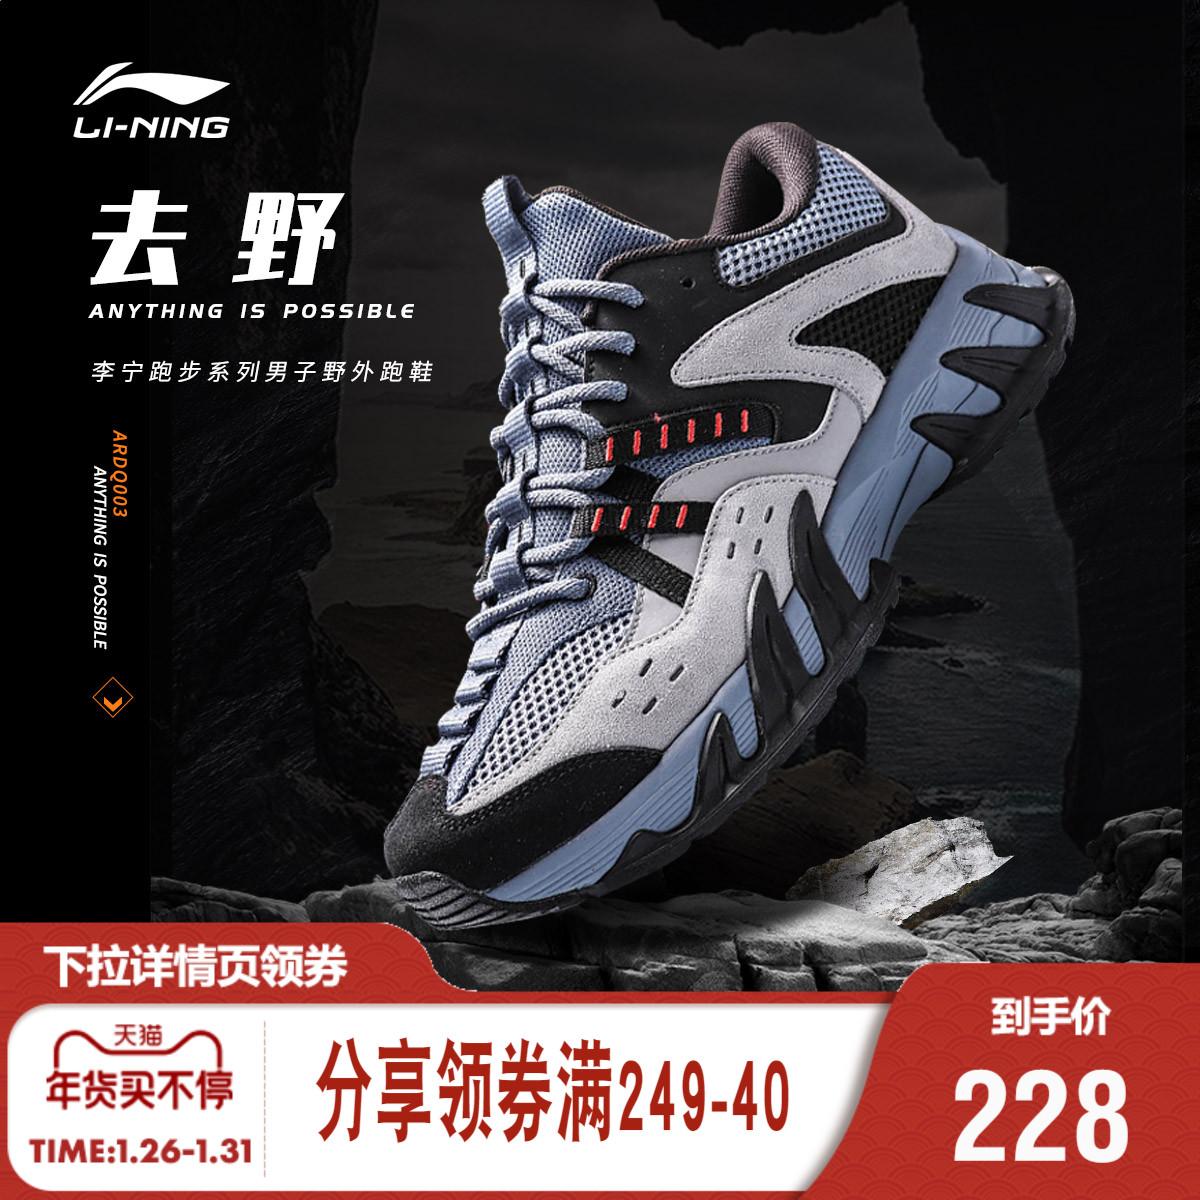 李宁运动鞋男鞋官方旗舰冬季新款减震跑鞋猫爪户外越野跑步鞋